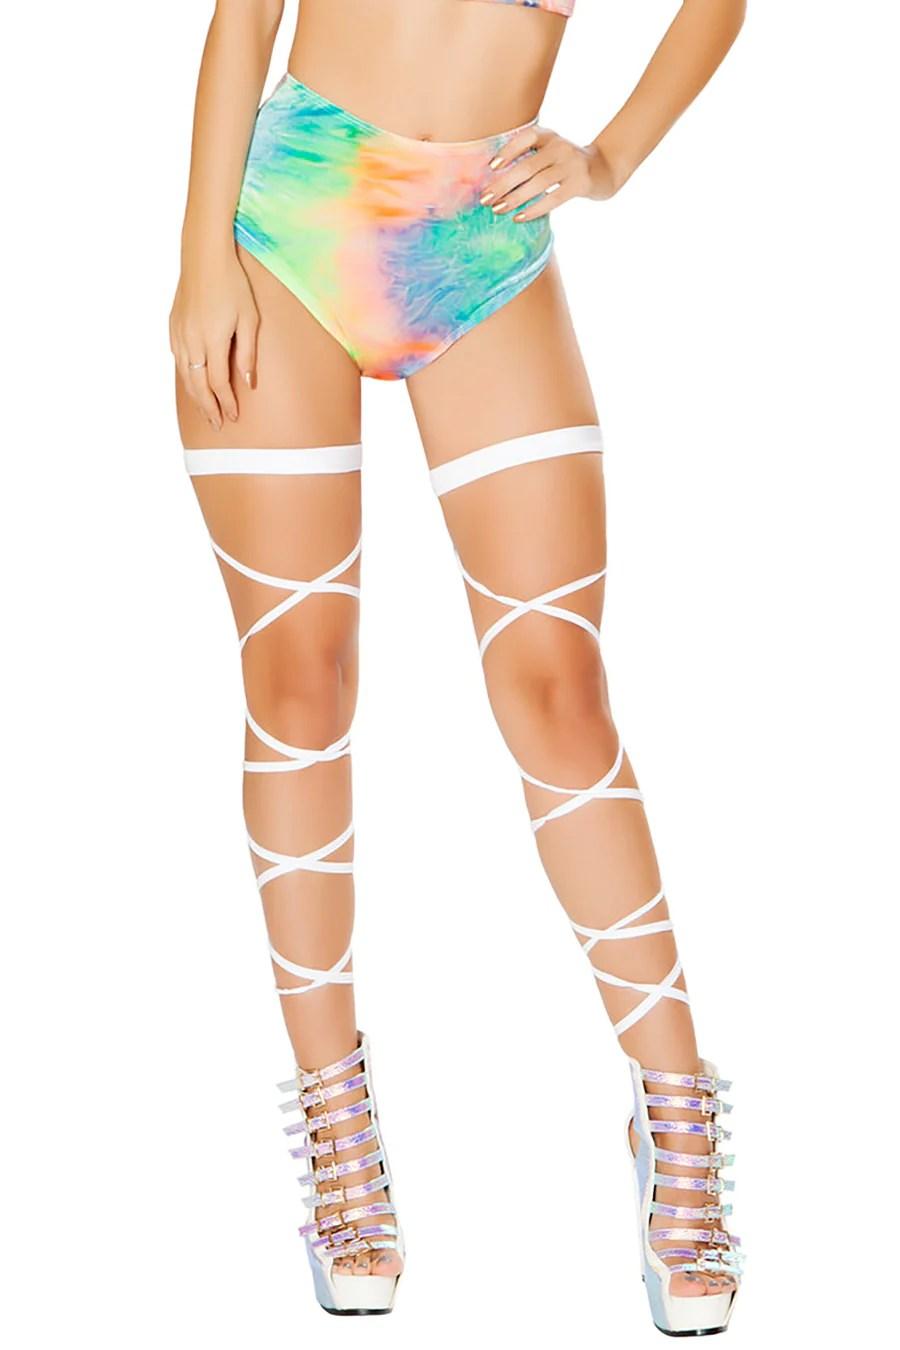 High Waisted Rave Shorts EDC Shorts For Girls Hologram